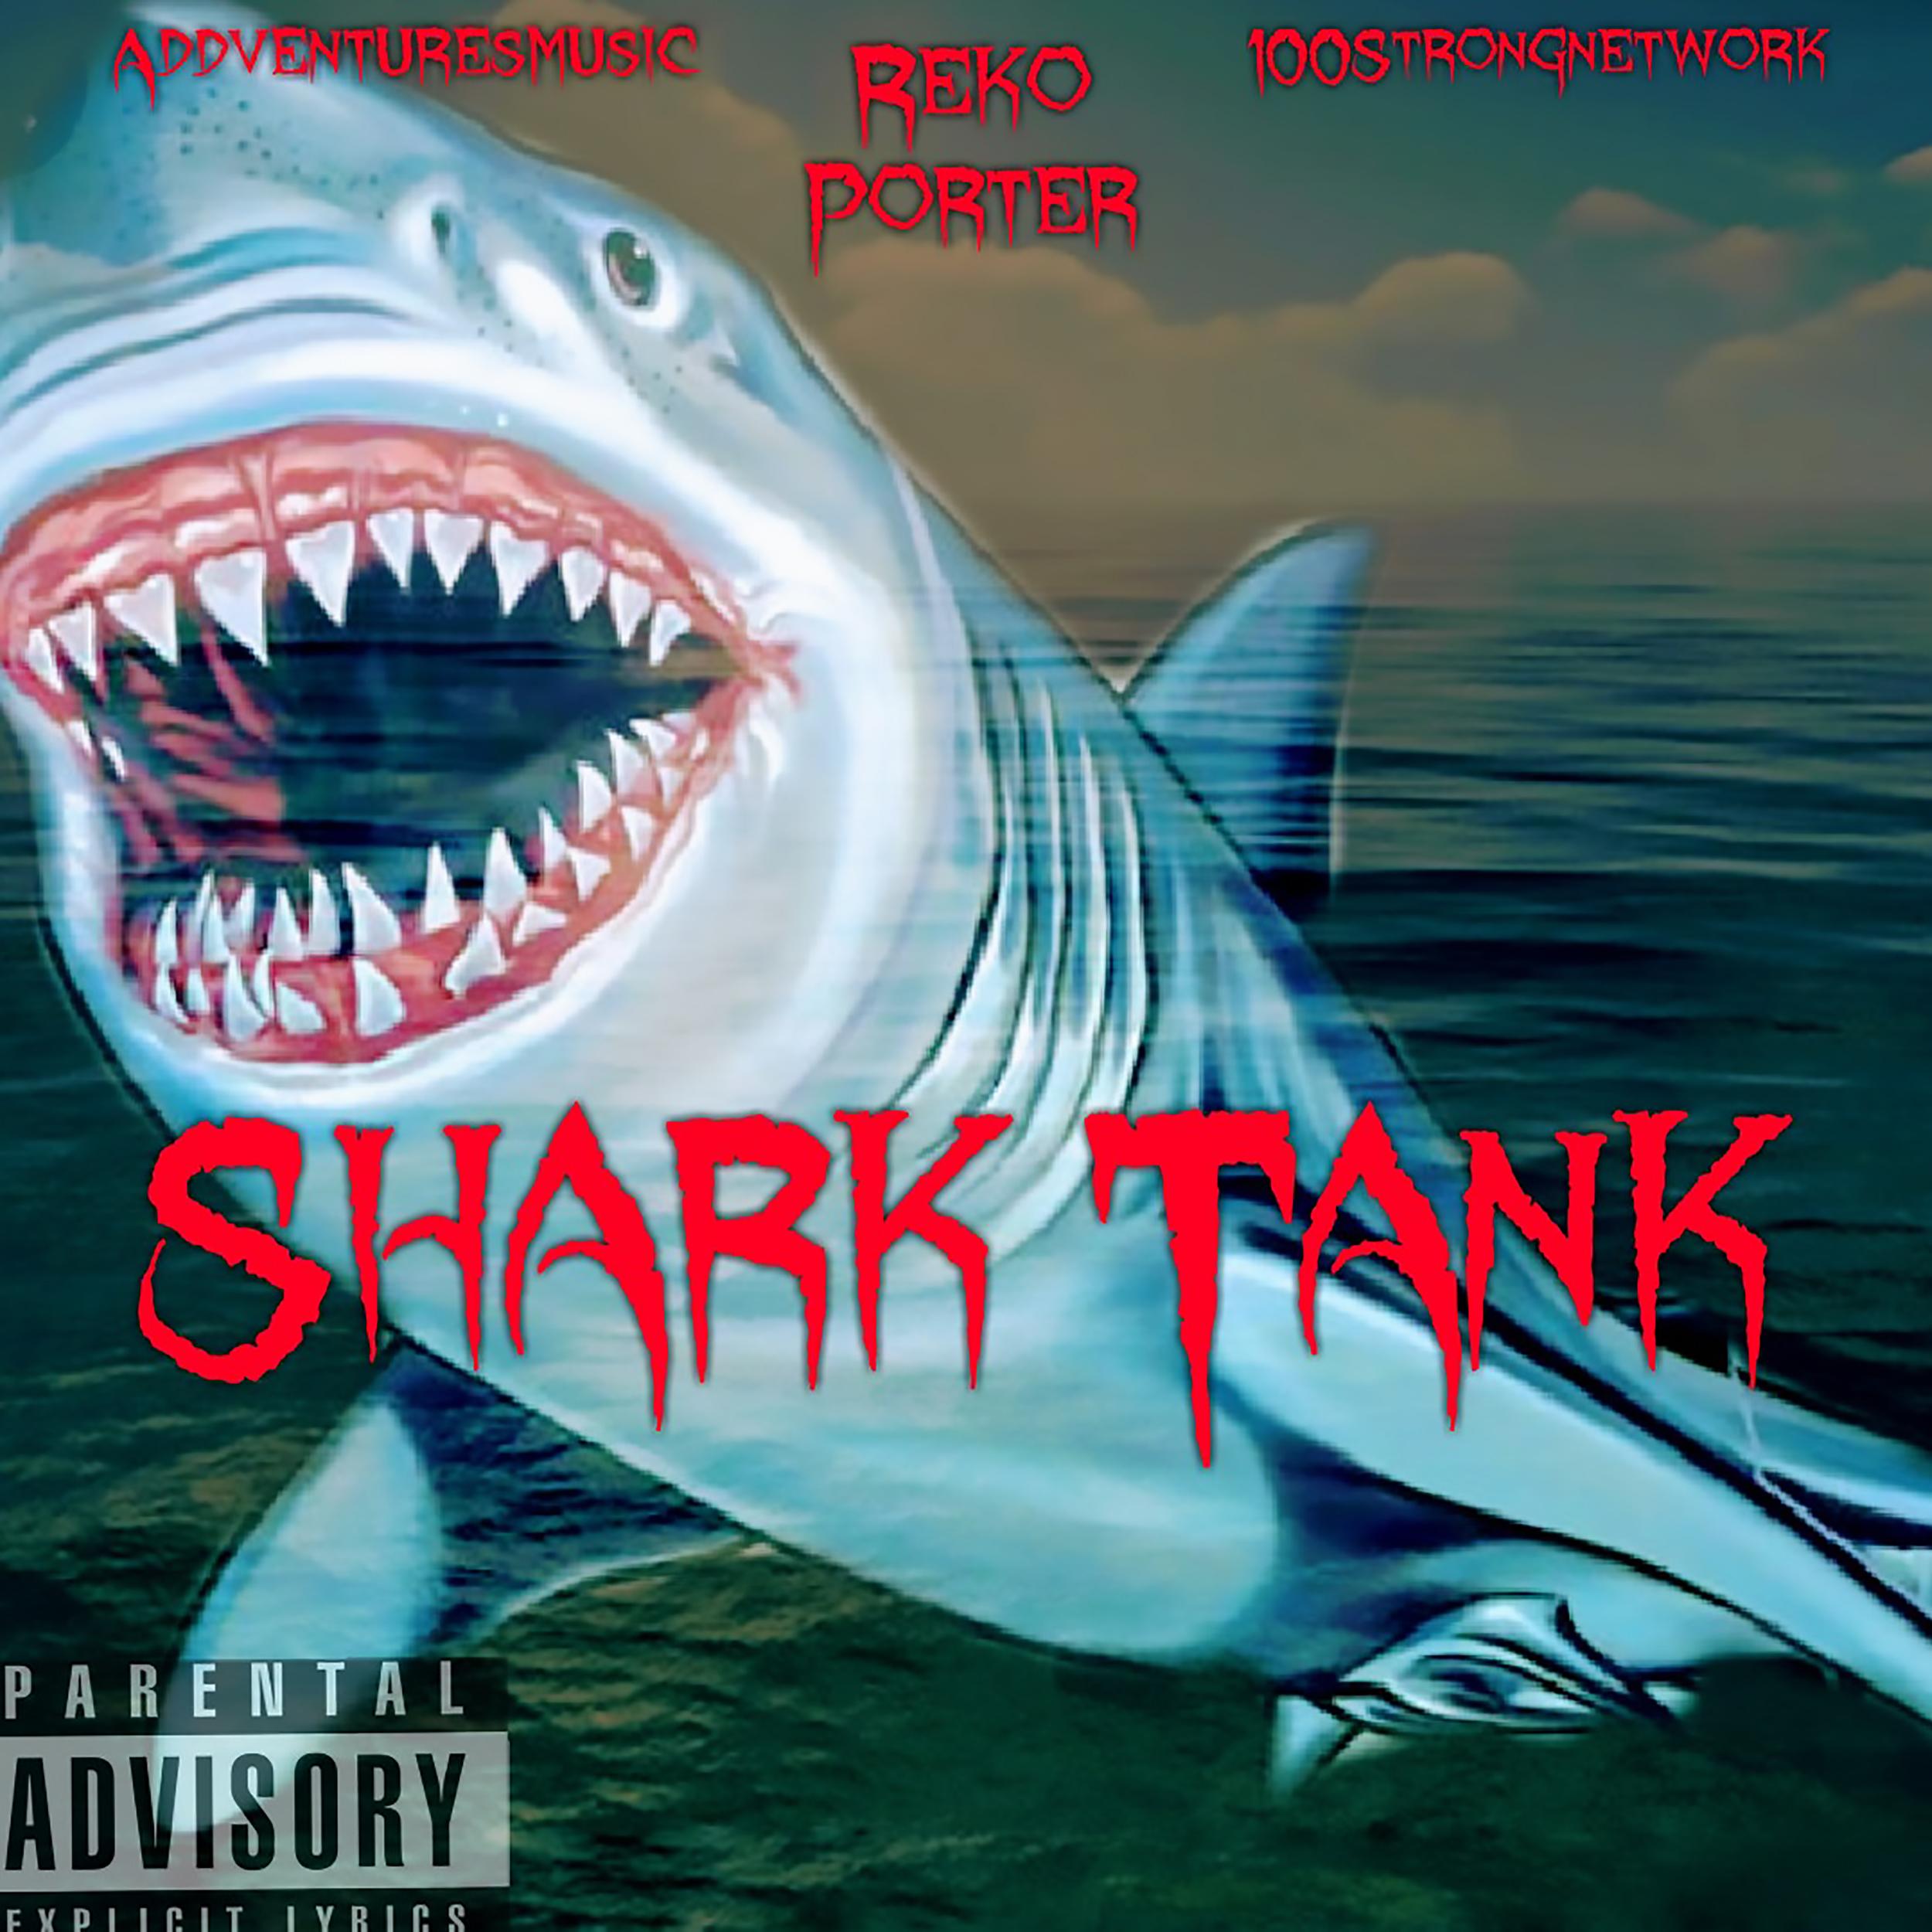 Reko Porter - Shark Tank - Explicit Cover.jpg